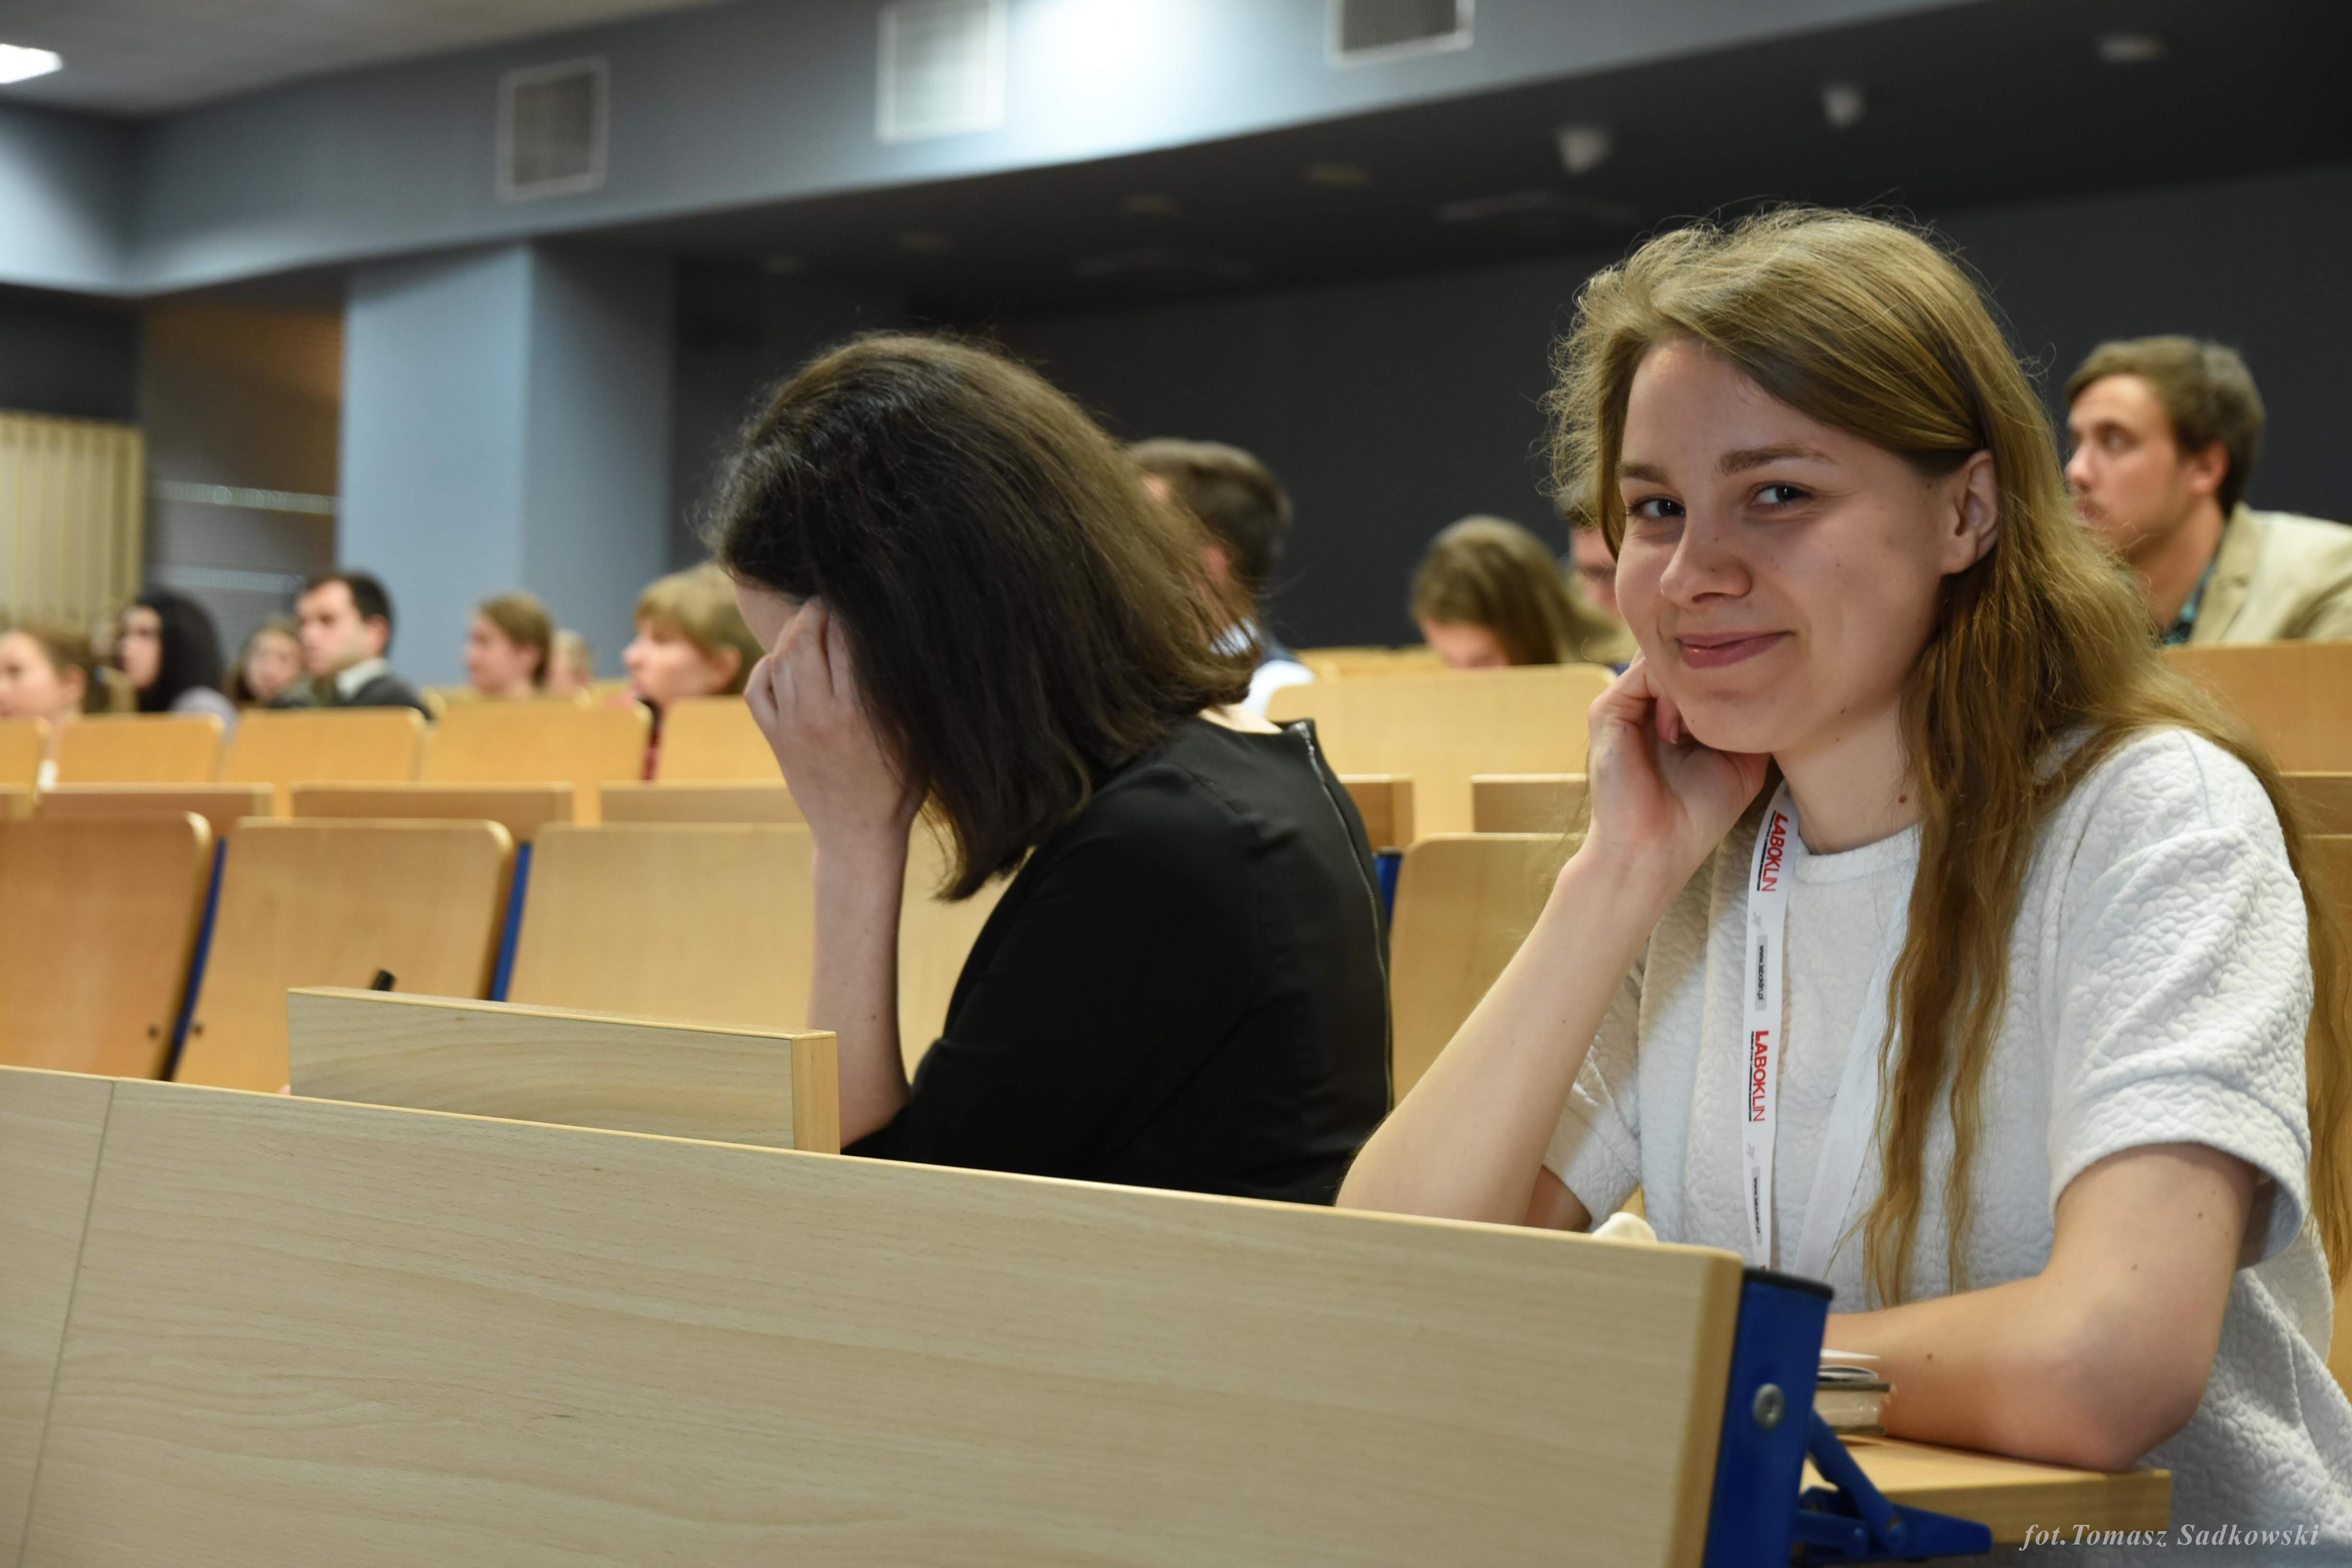 Kasia Urbańska, vice president of our society